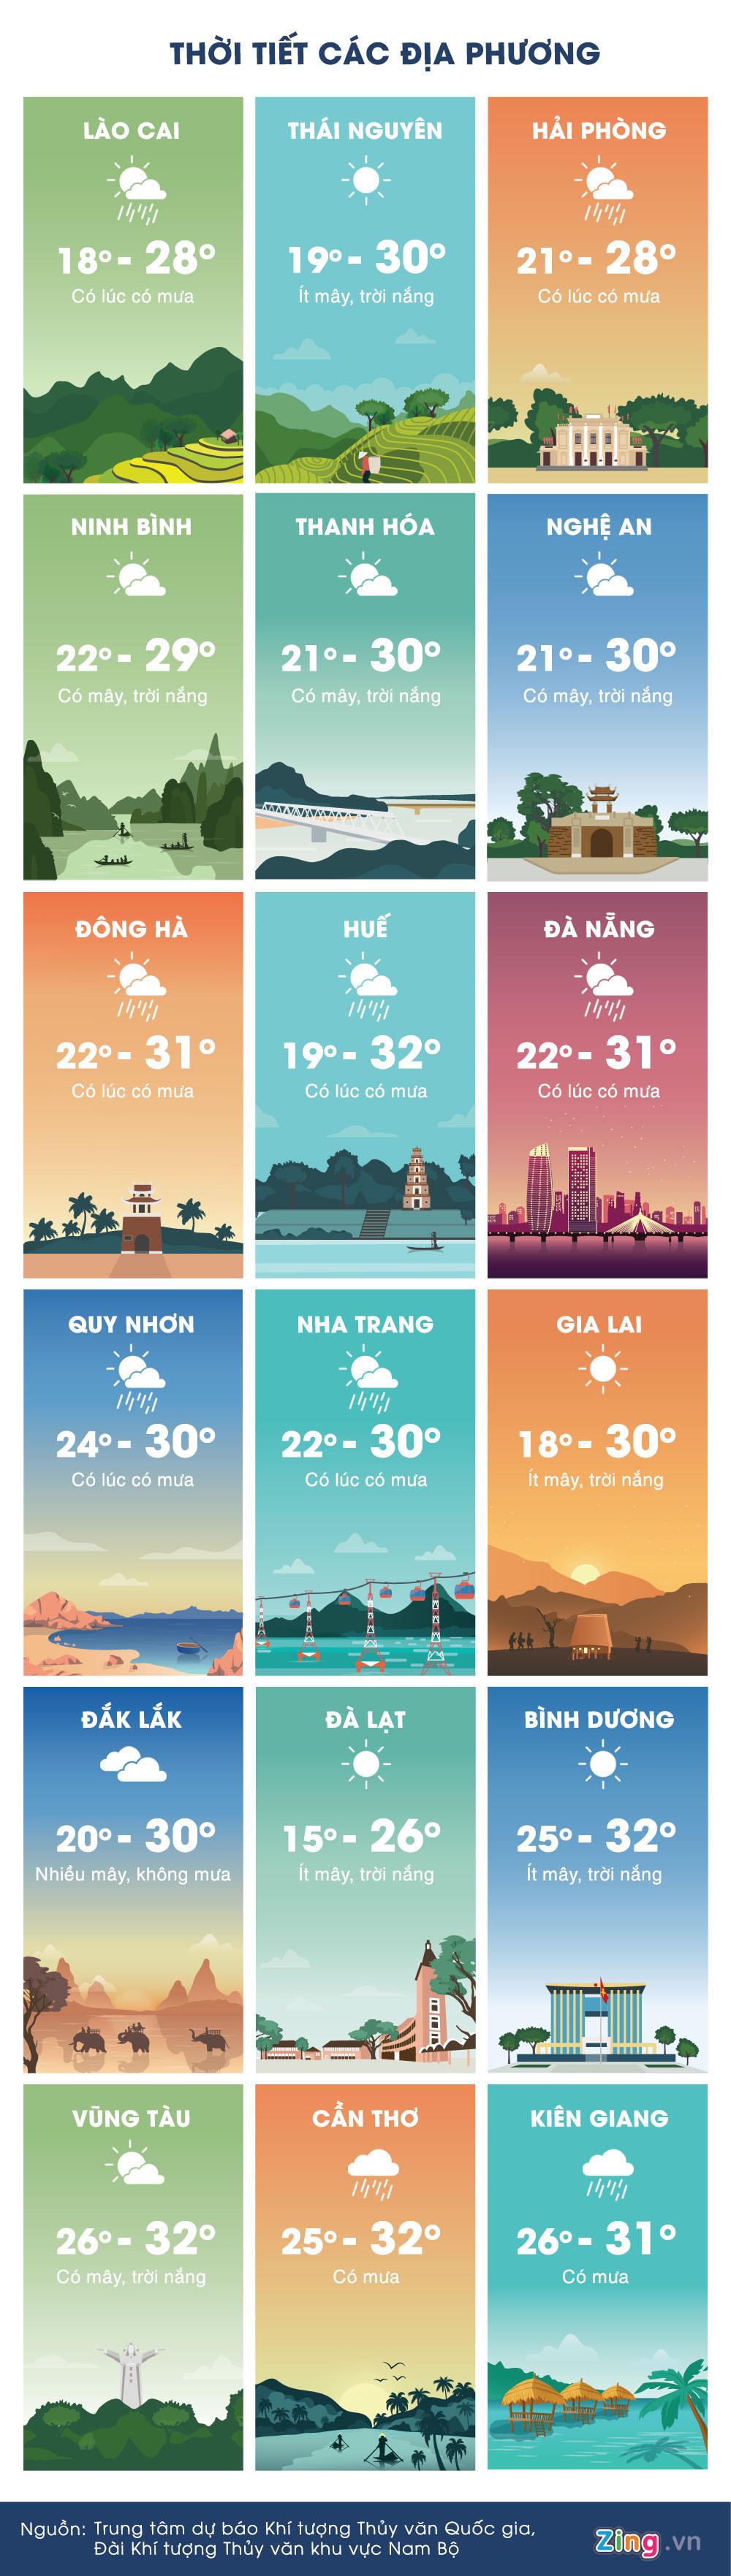 Thời tiết ngày 6/11: Bắc Bộ mưa dông trước khi chuyển lạnh Ảnh 3